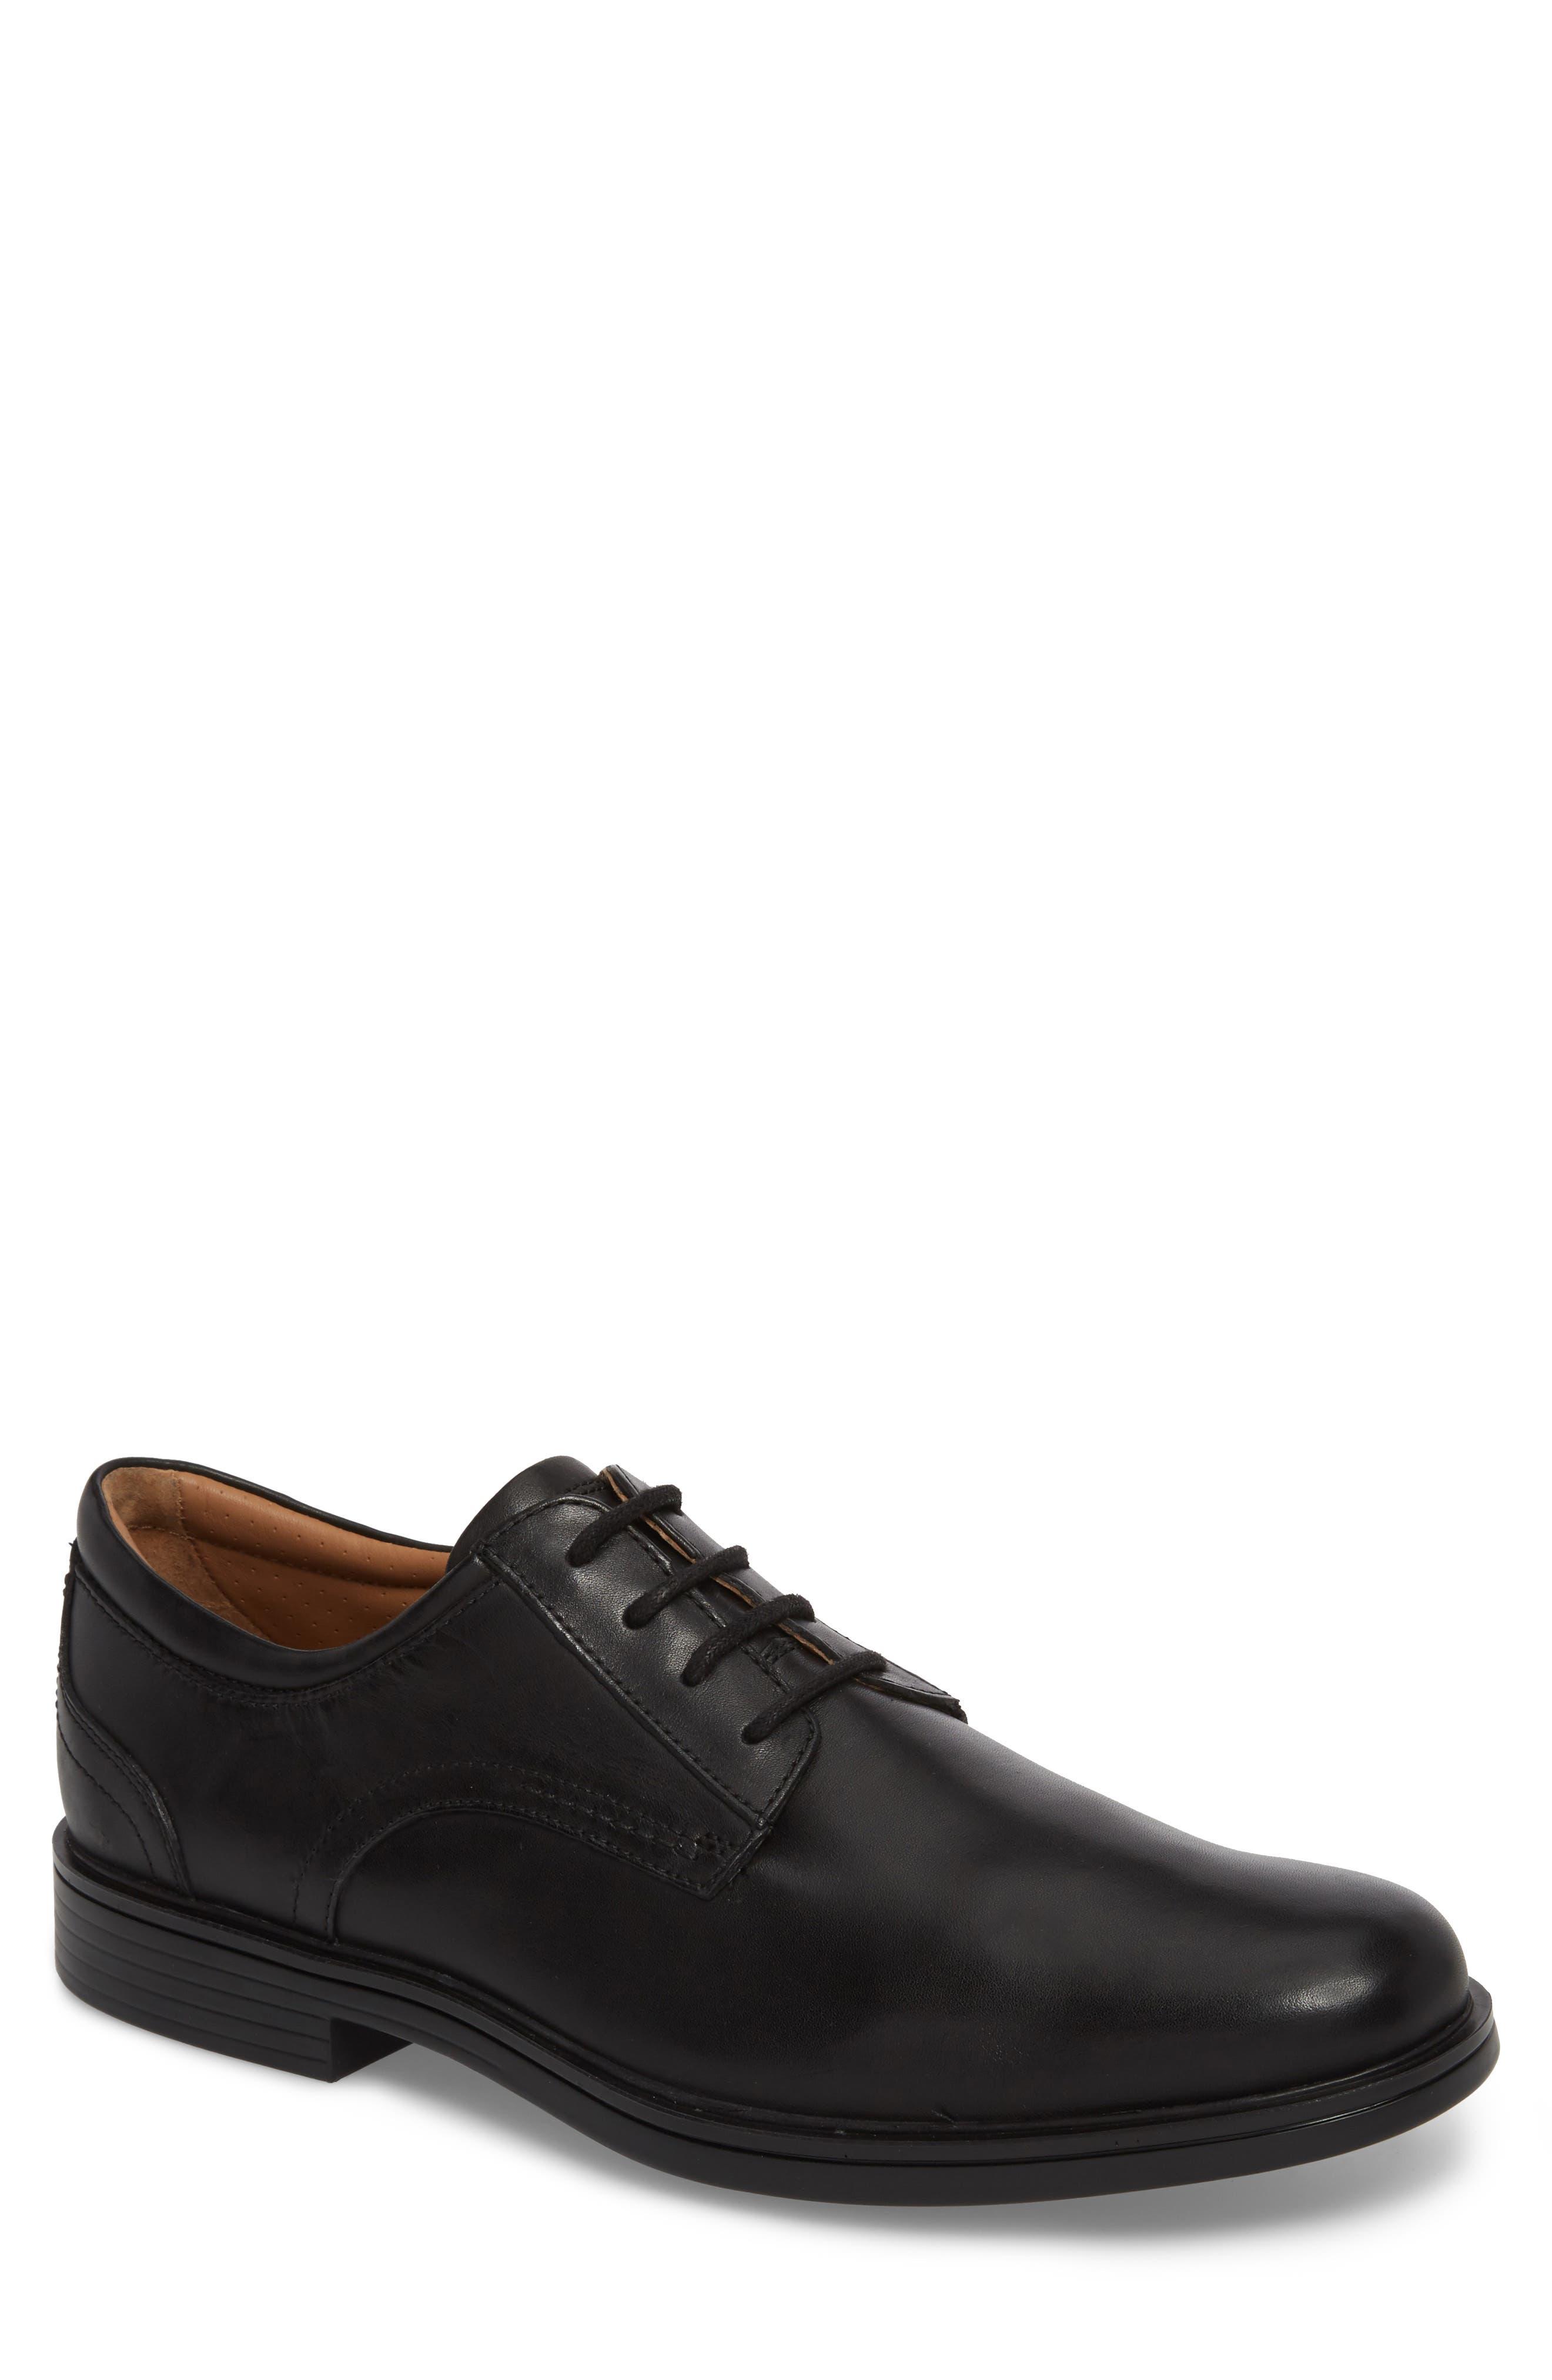 CLARKS<SUP>®</SUP> Originals Unaldric Plain Toe Derby, Main, color, BLACK LEATHER